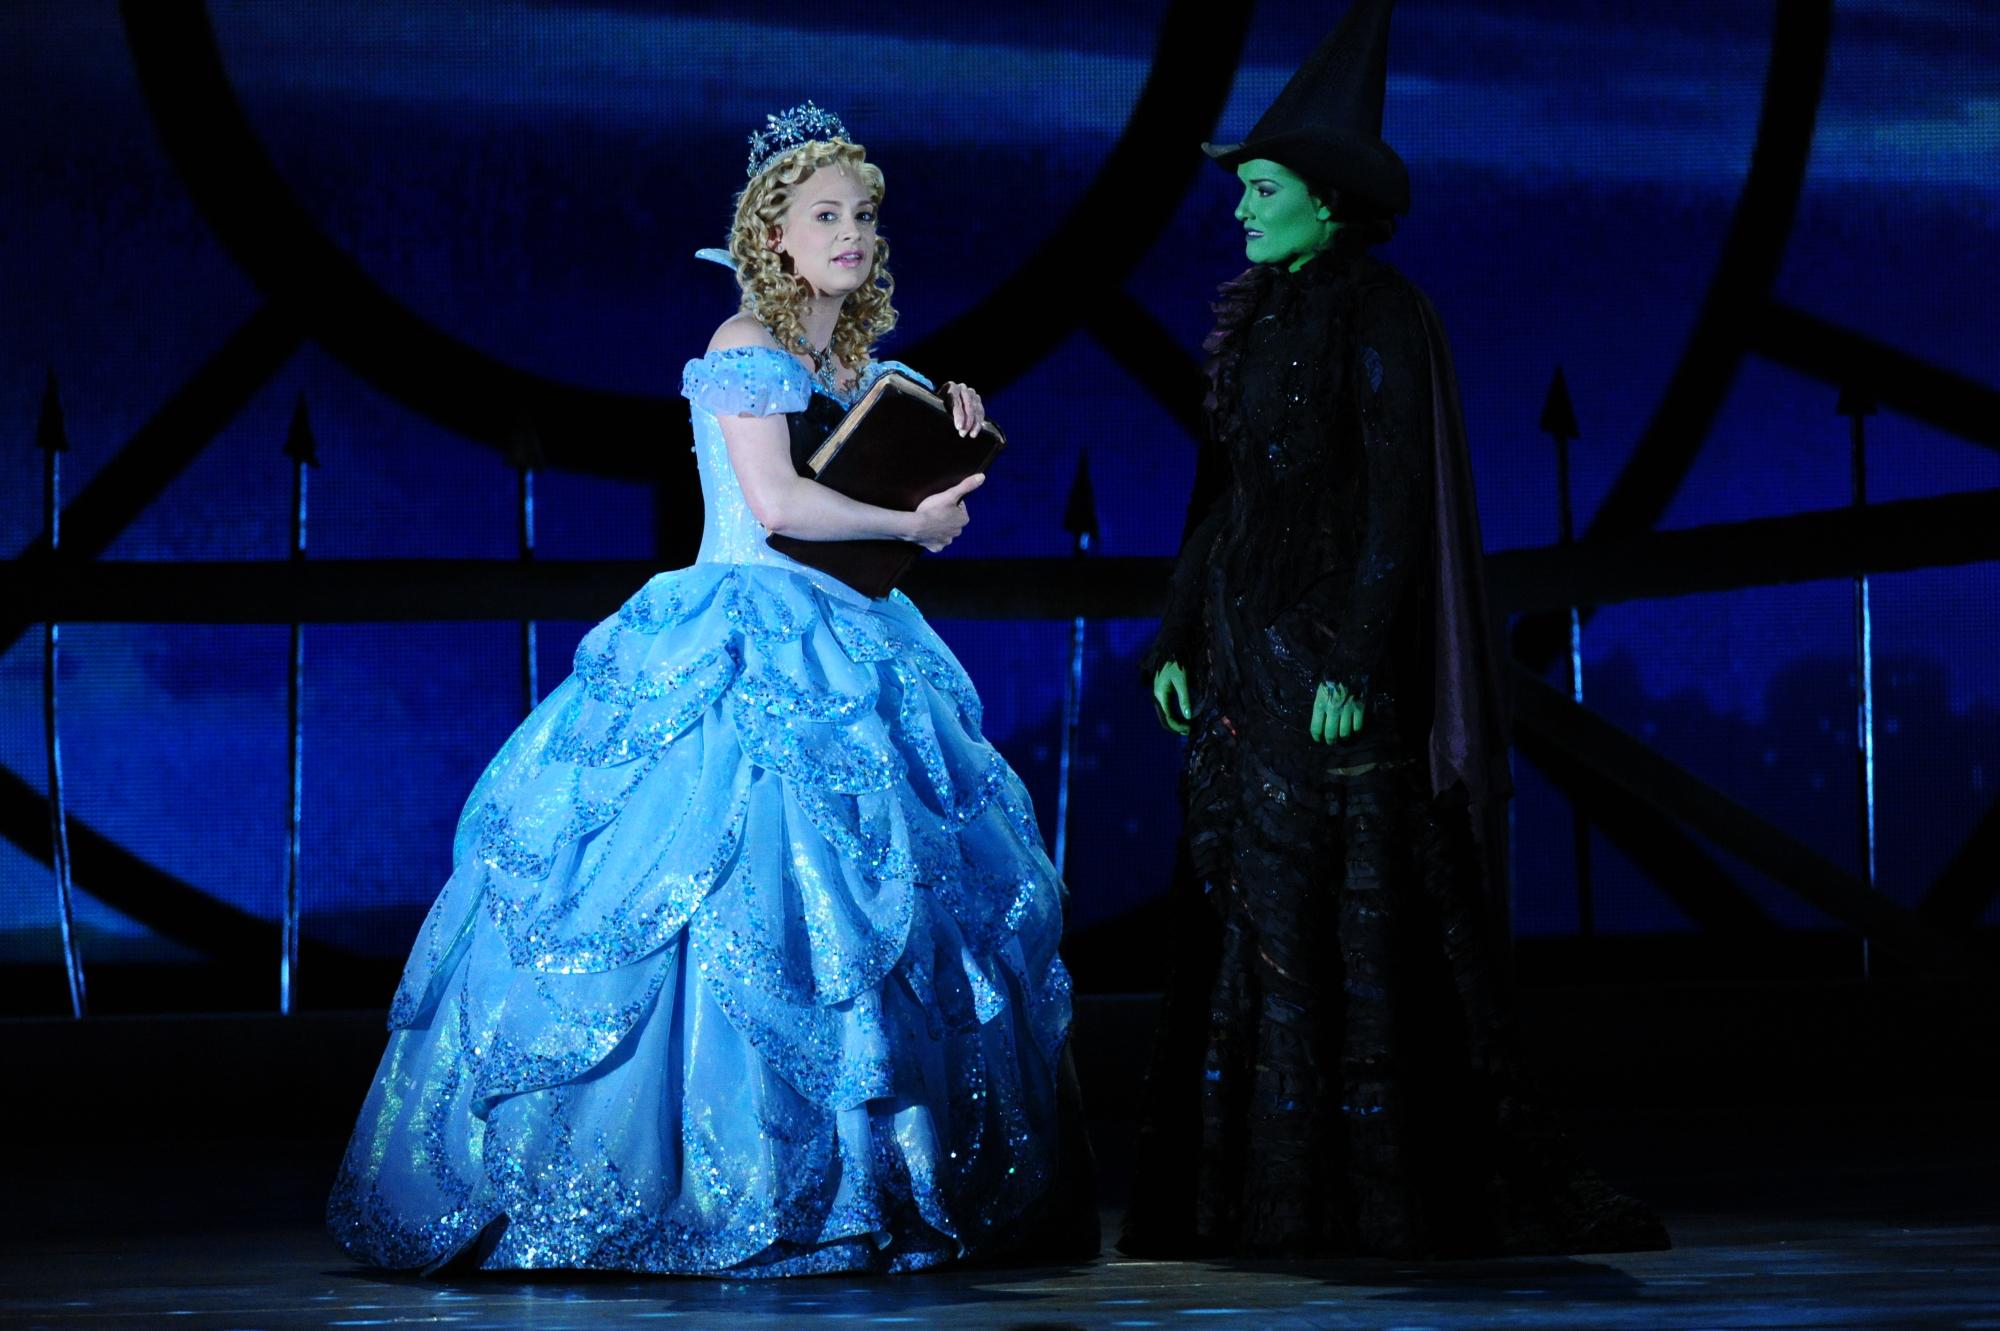 The cast of Wicked - 2014 Tony Awards